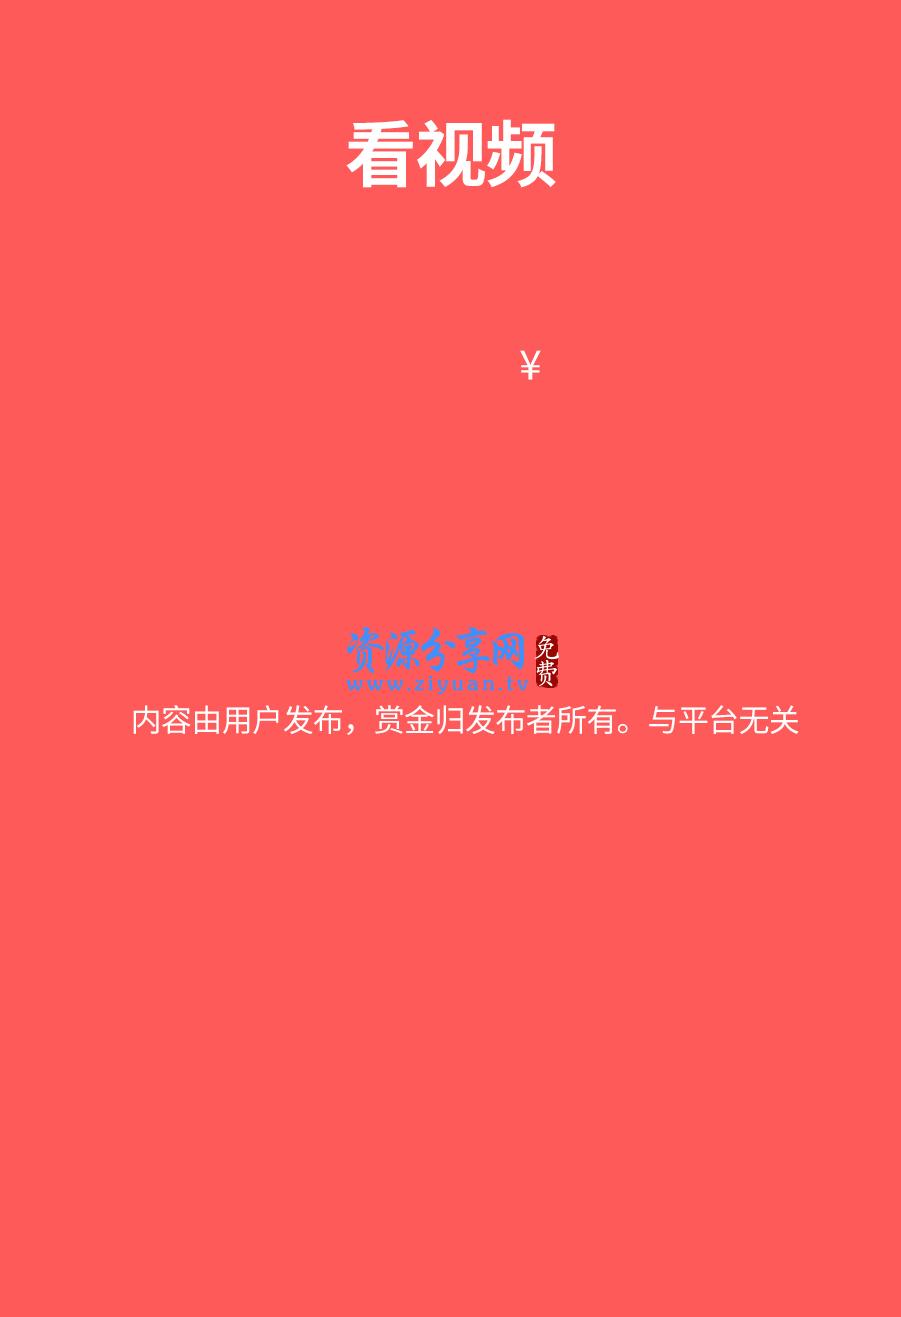 诺诺二开视频打赏源码